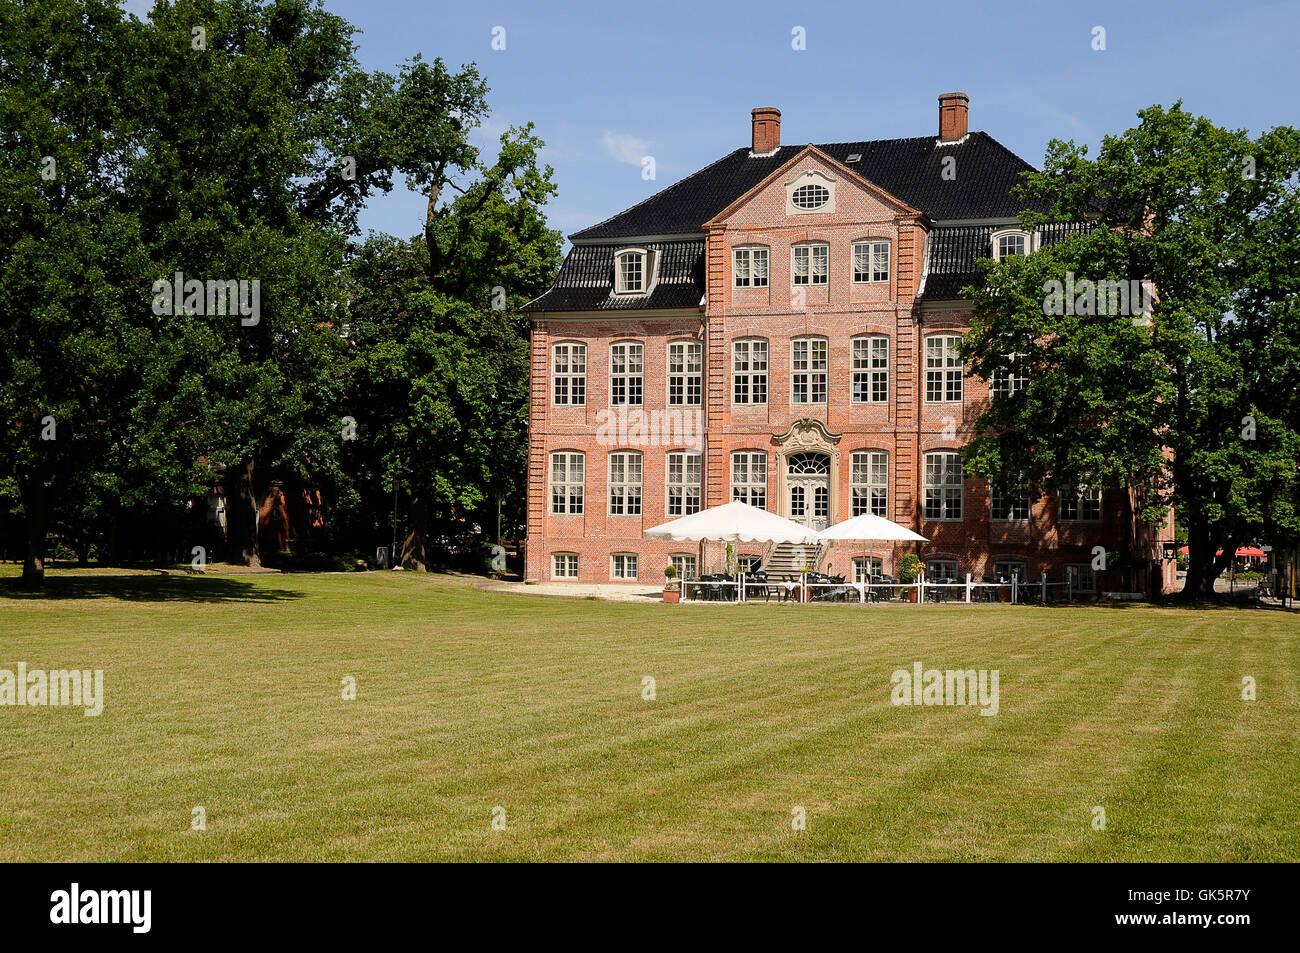 villa emblem farm house - Stock Image